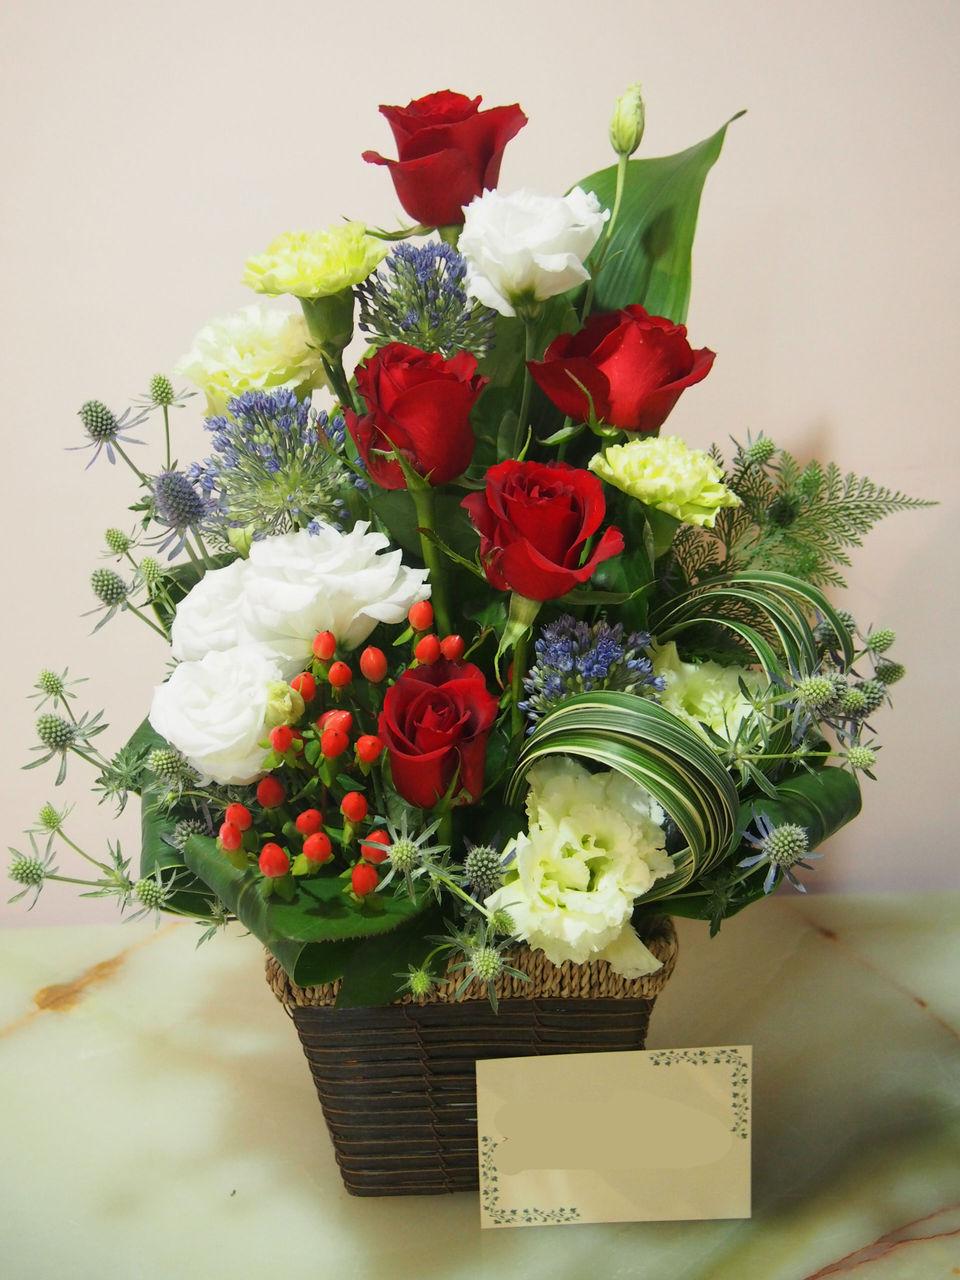 花ギフト|フラワーギフト|誕生日 花|カノシェ話題|スタンド花|ウエディングブーケ|花束|花屋|56247